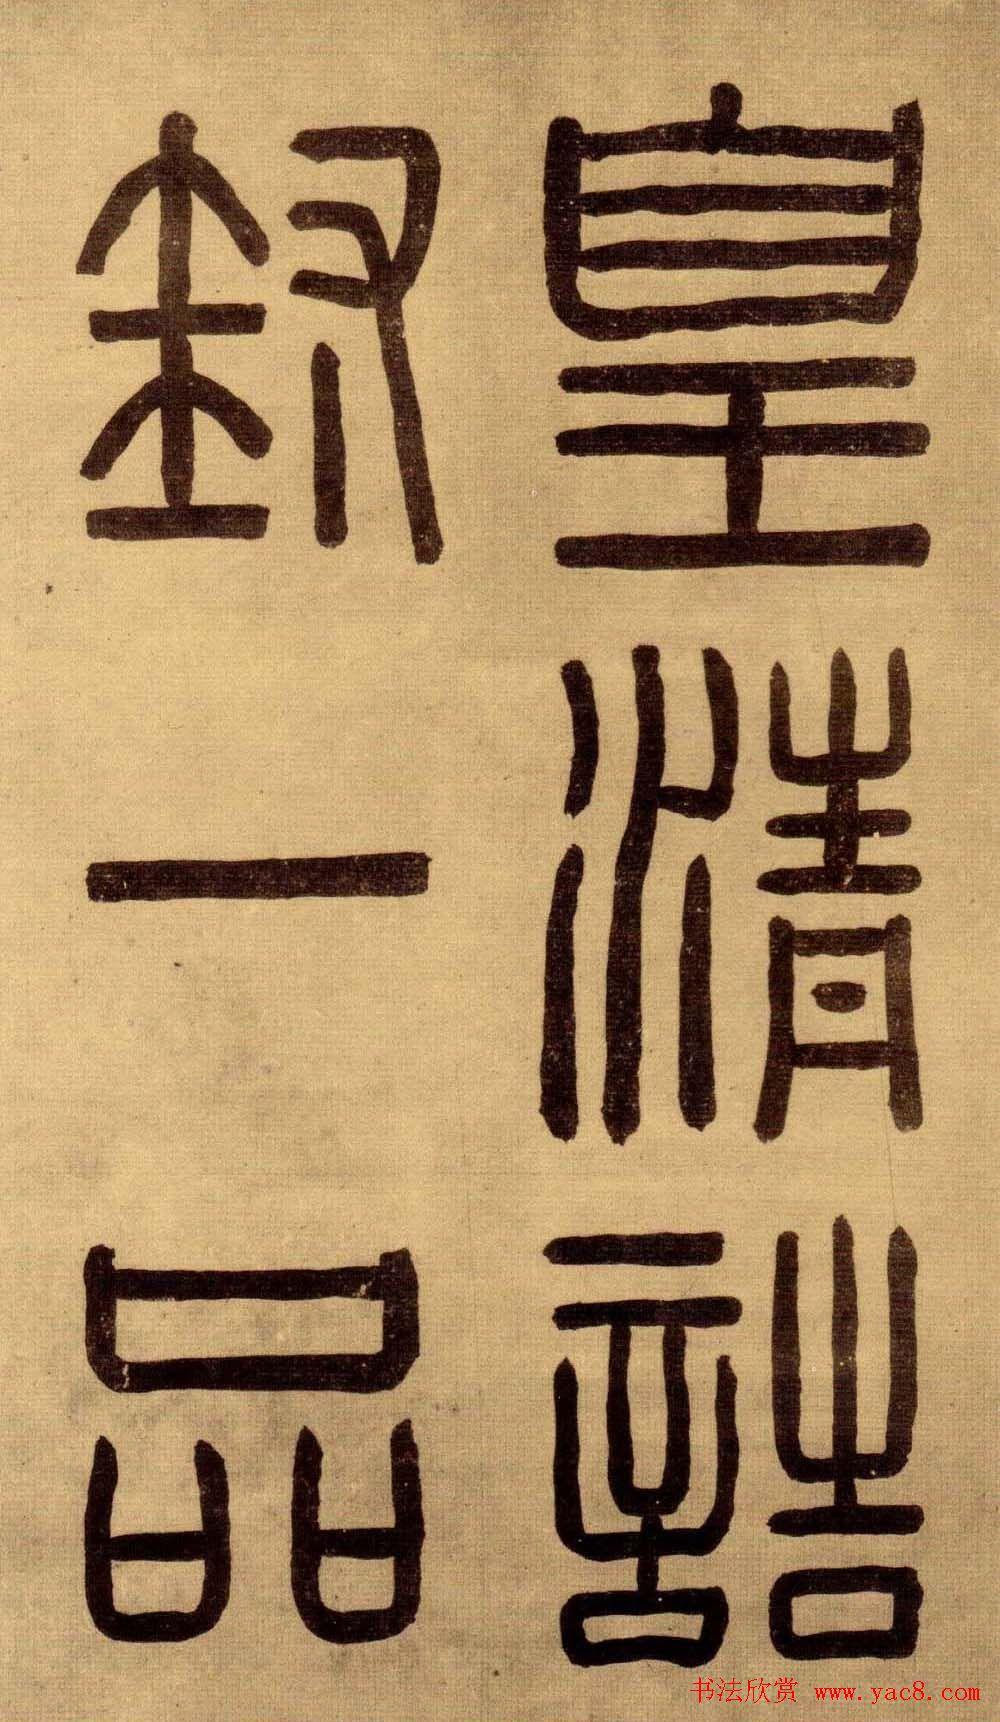 陈鸿寿行楷书法欣赏《孙夫人墓志铭》